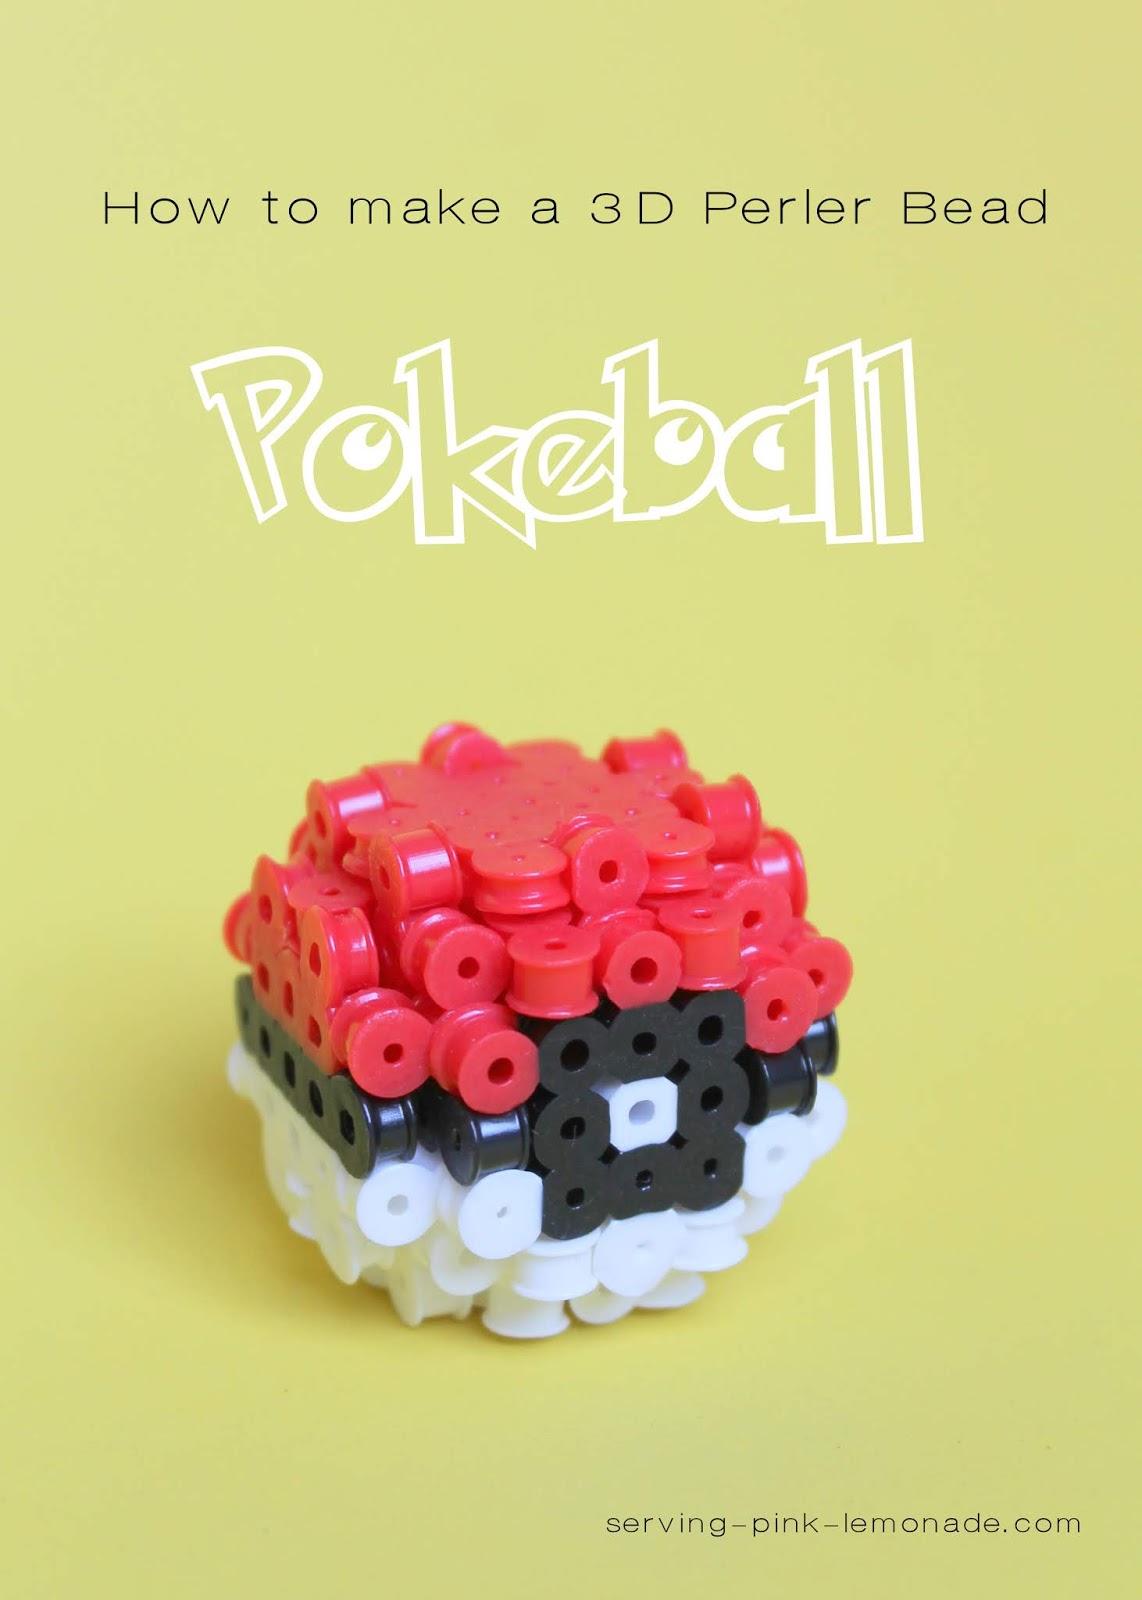 Serving Pink Lemonade: 3D Perler Bead Pokeball